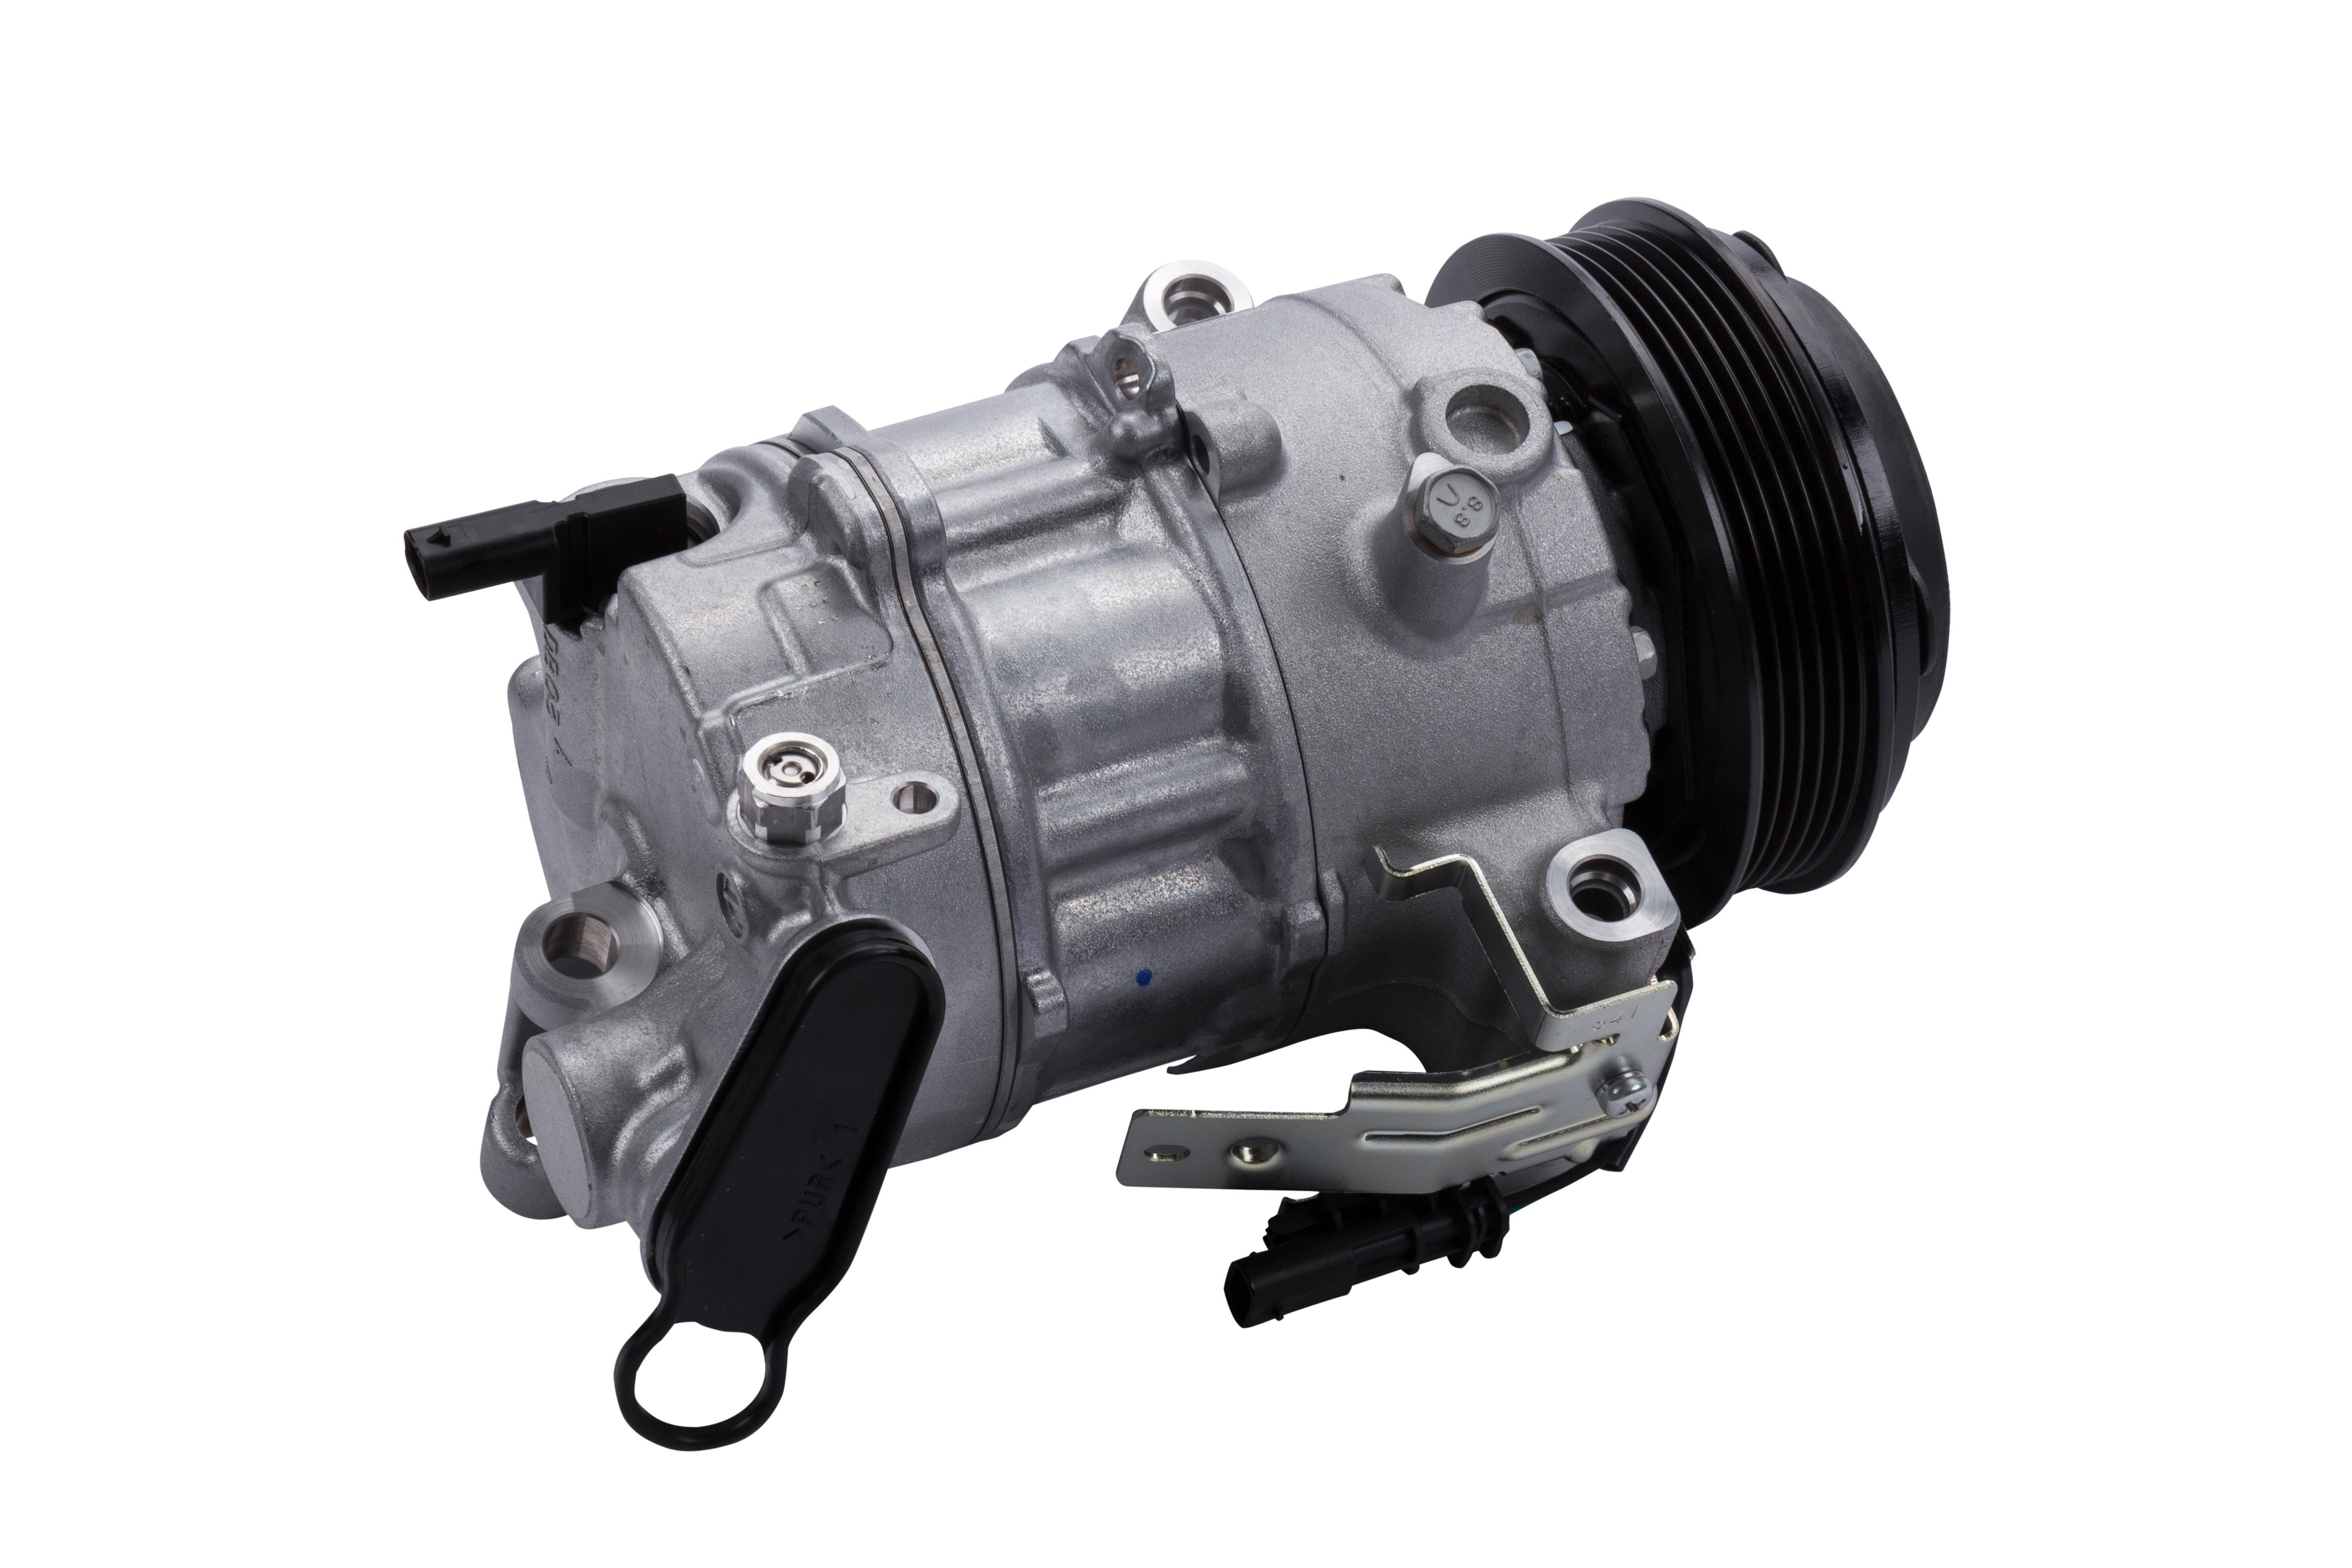 ACDELCO GM ORIGINAL EQUIPMENT - A/C Compressor - DCB 15-22376